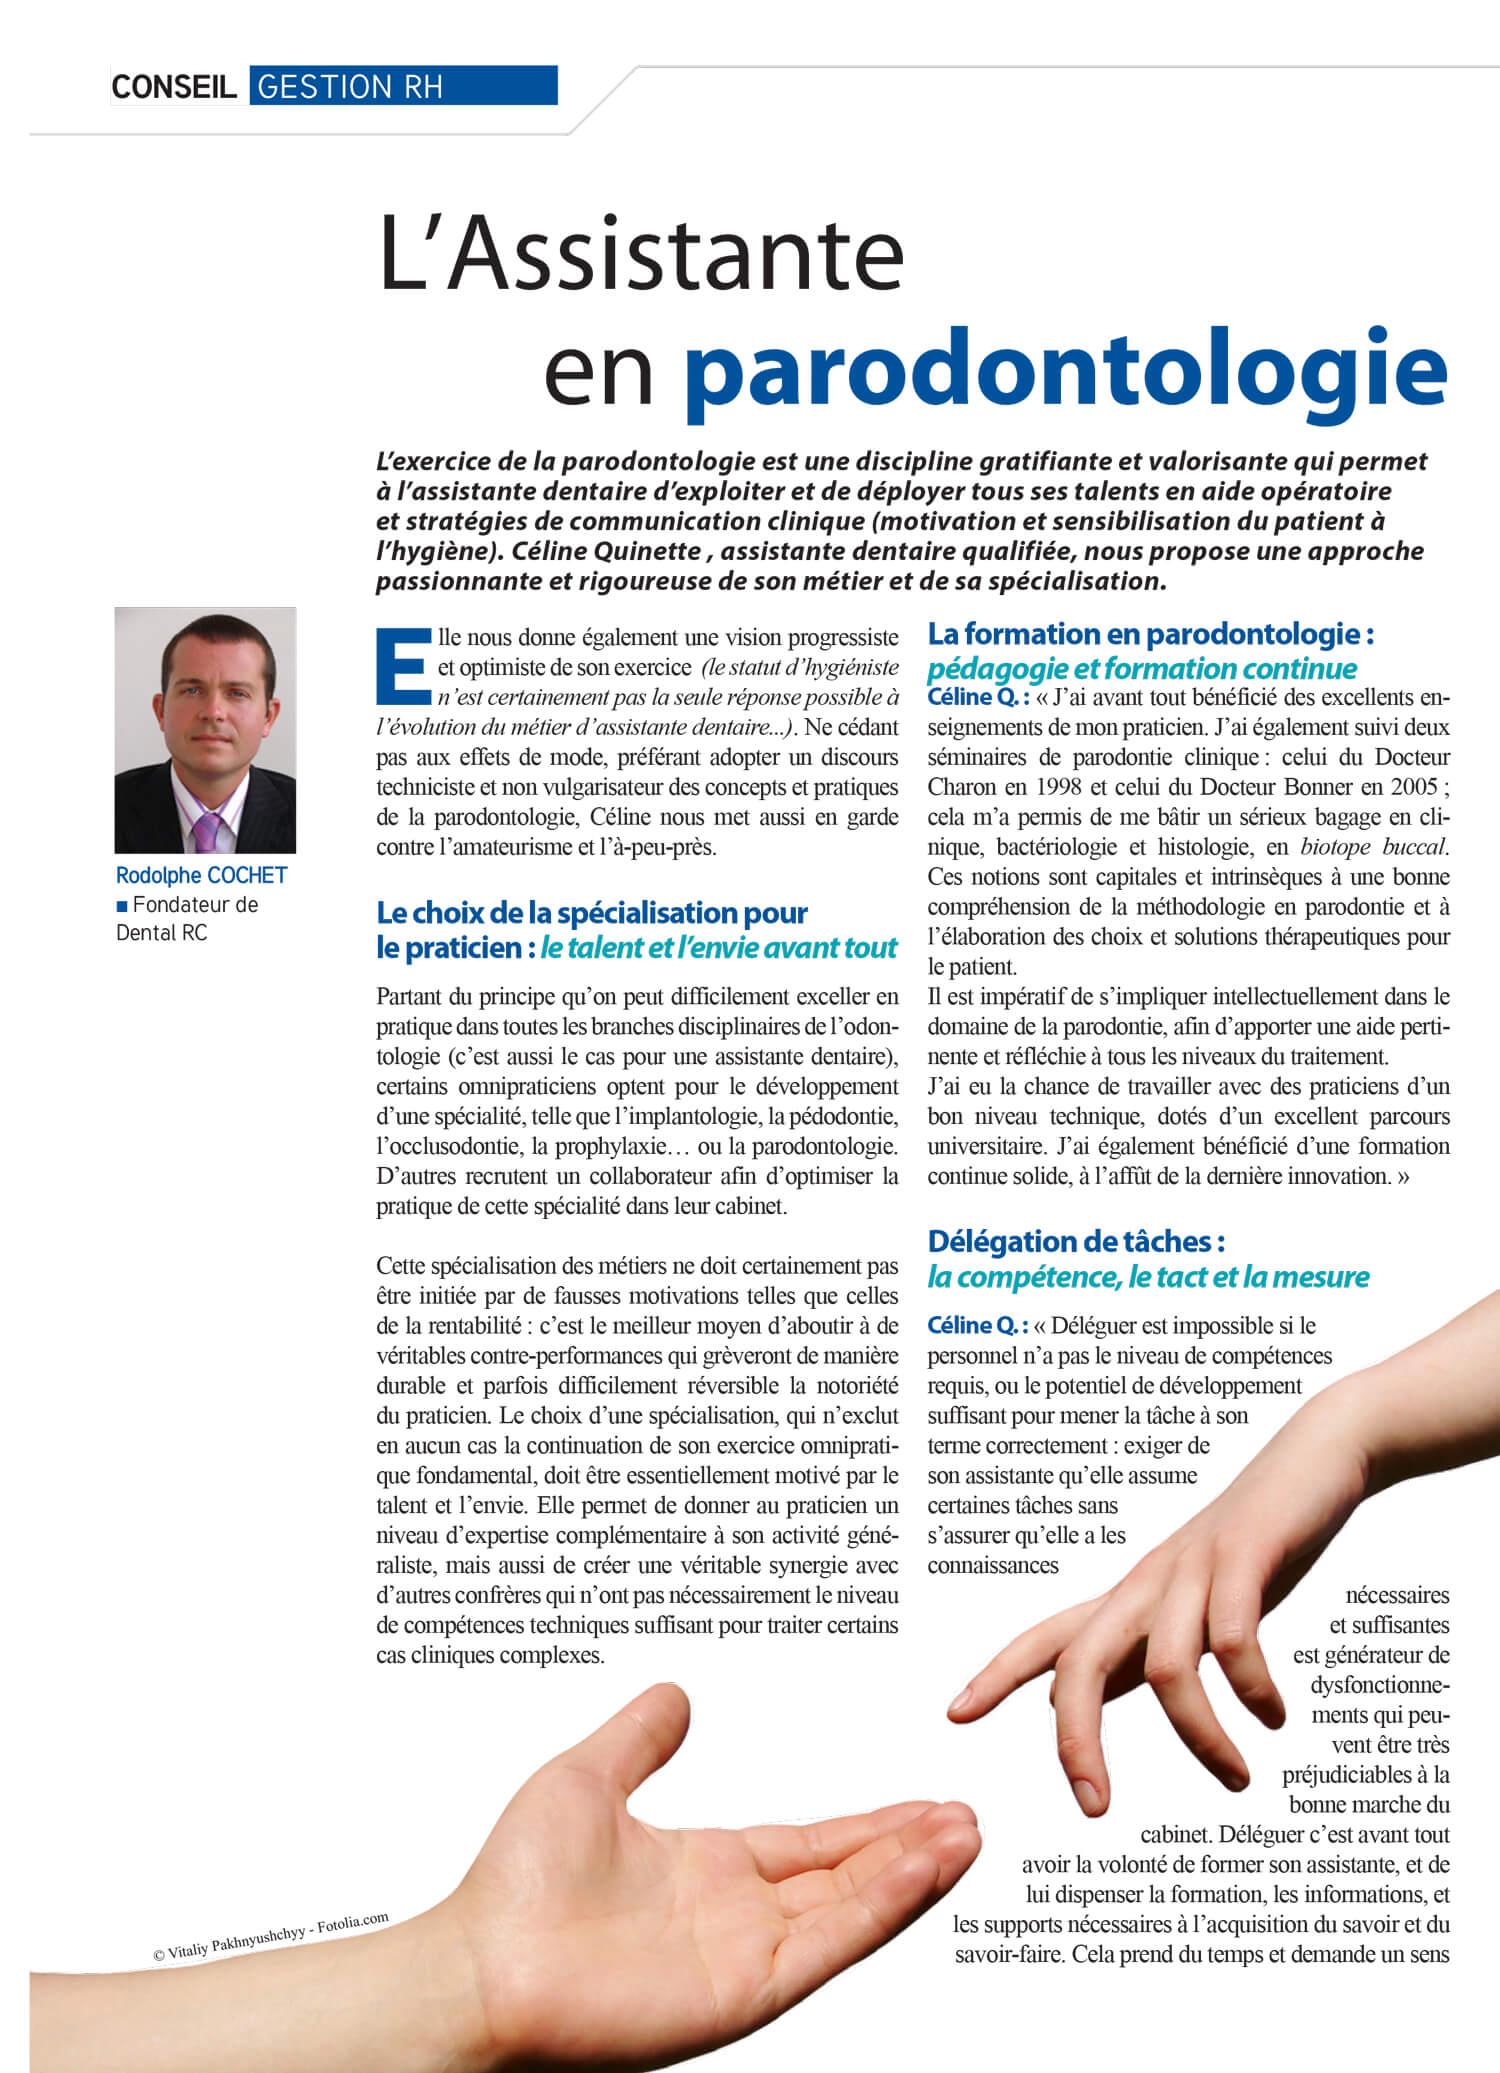 Le_Fil_Dentaire_Assistante_en_Parodontologie_Rodolphe_Cochet.jpg